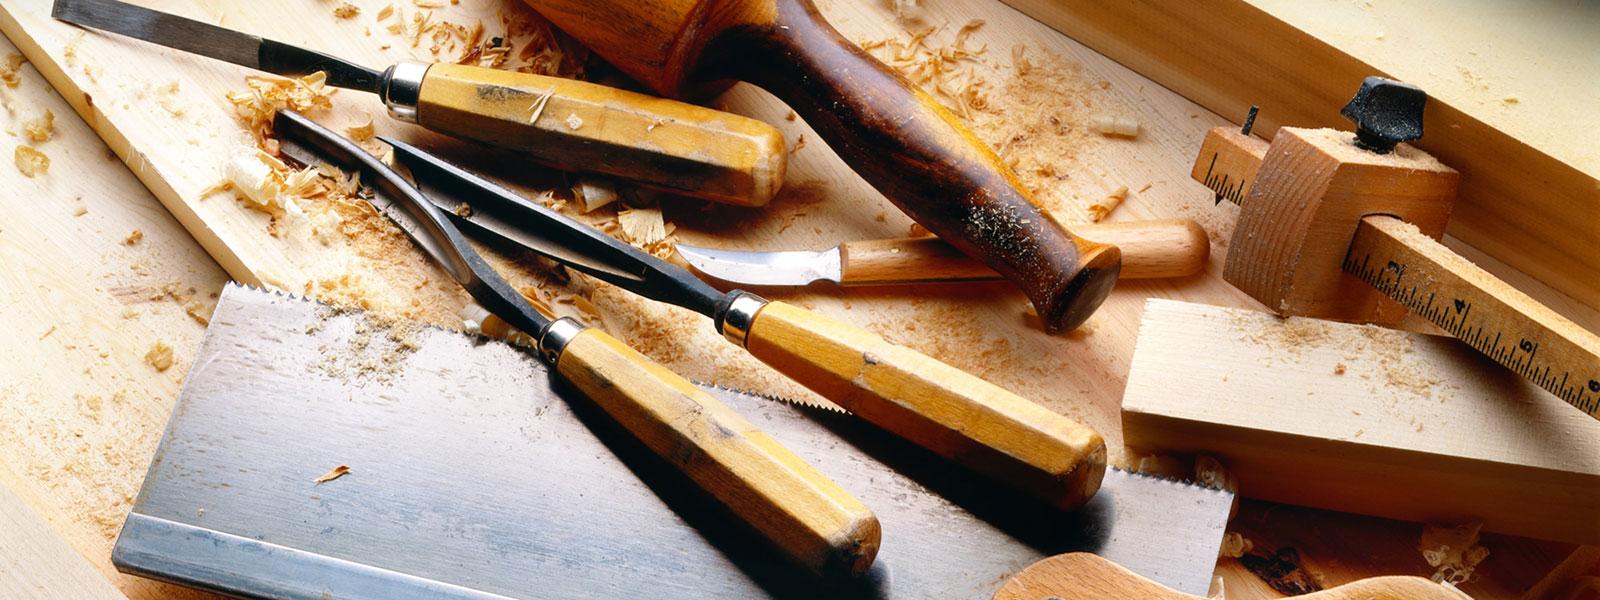 Attrezzi manuali per lavorare il legno